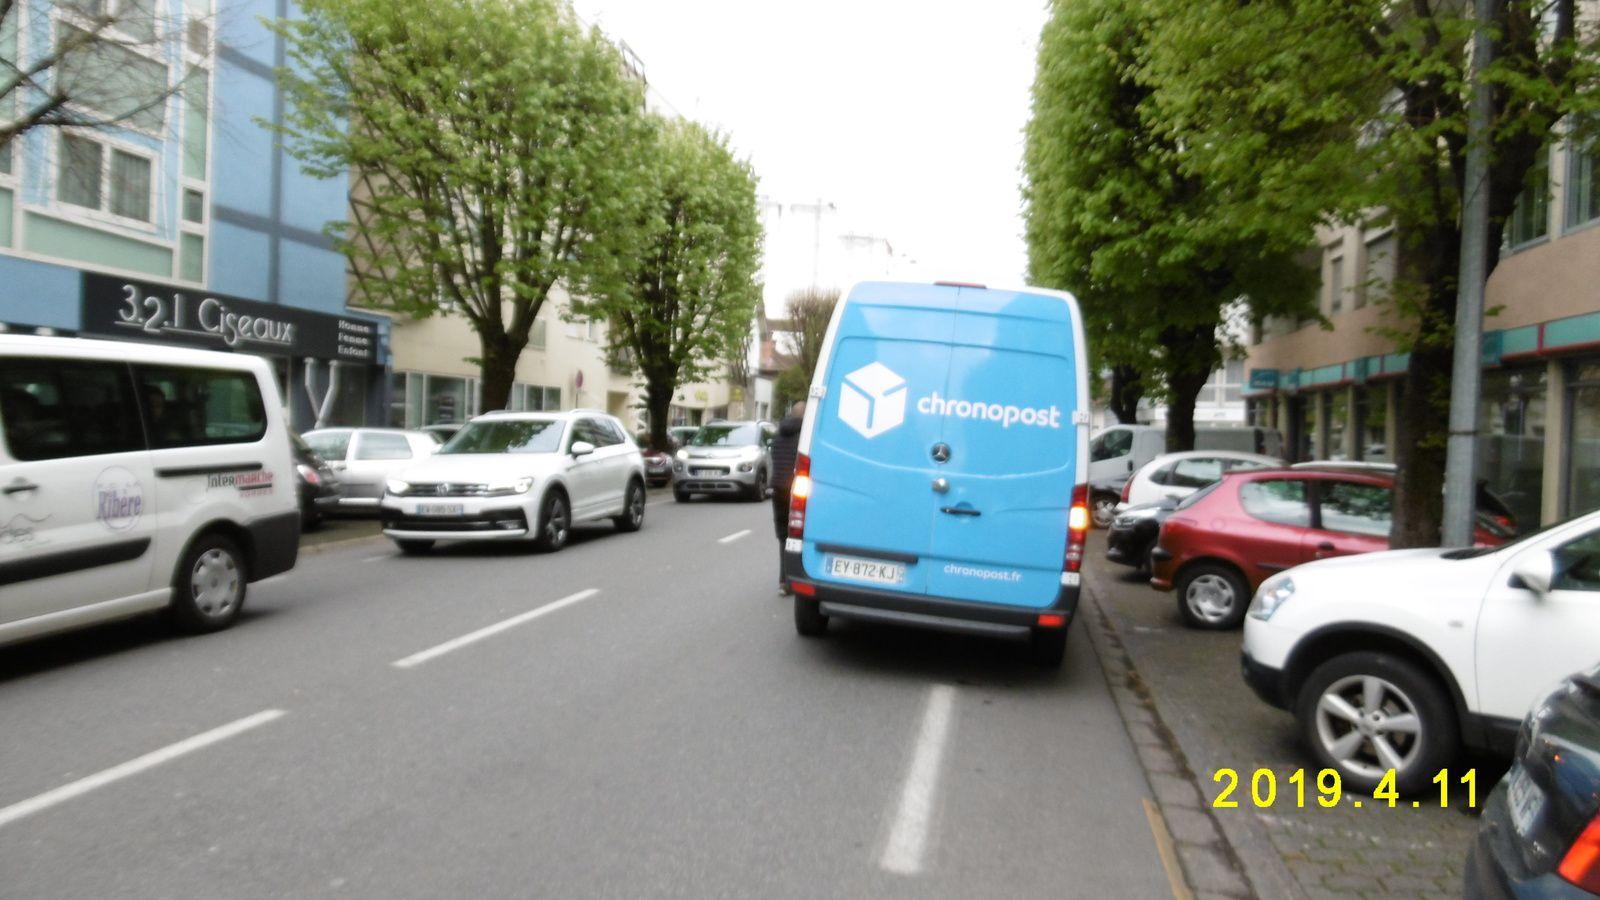 Je rentre par un centre commercial, je parts sur le Boulevard Alsace-Lorraine. Bande cyclable occupée, colis urgent !